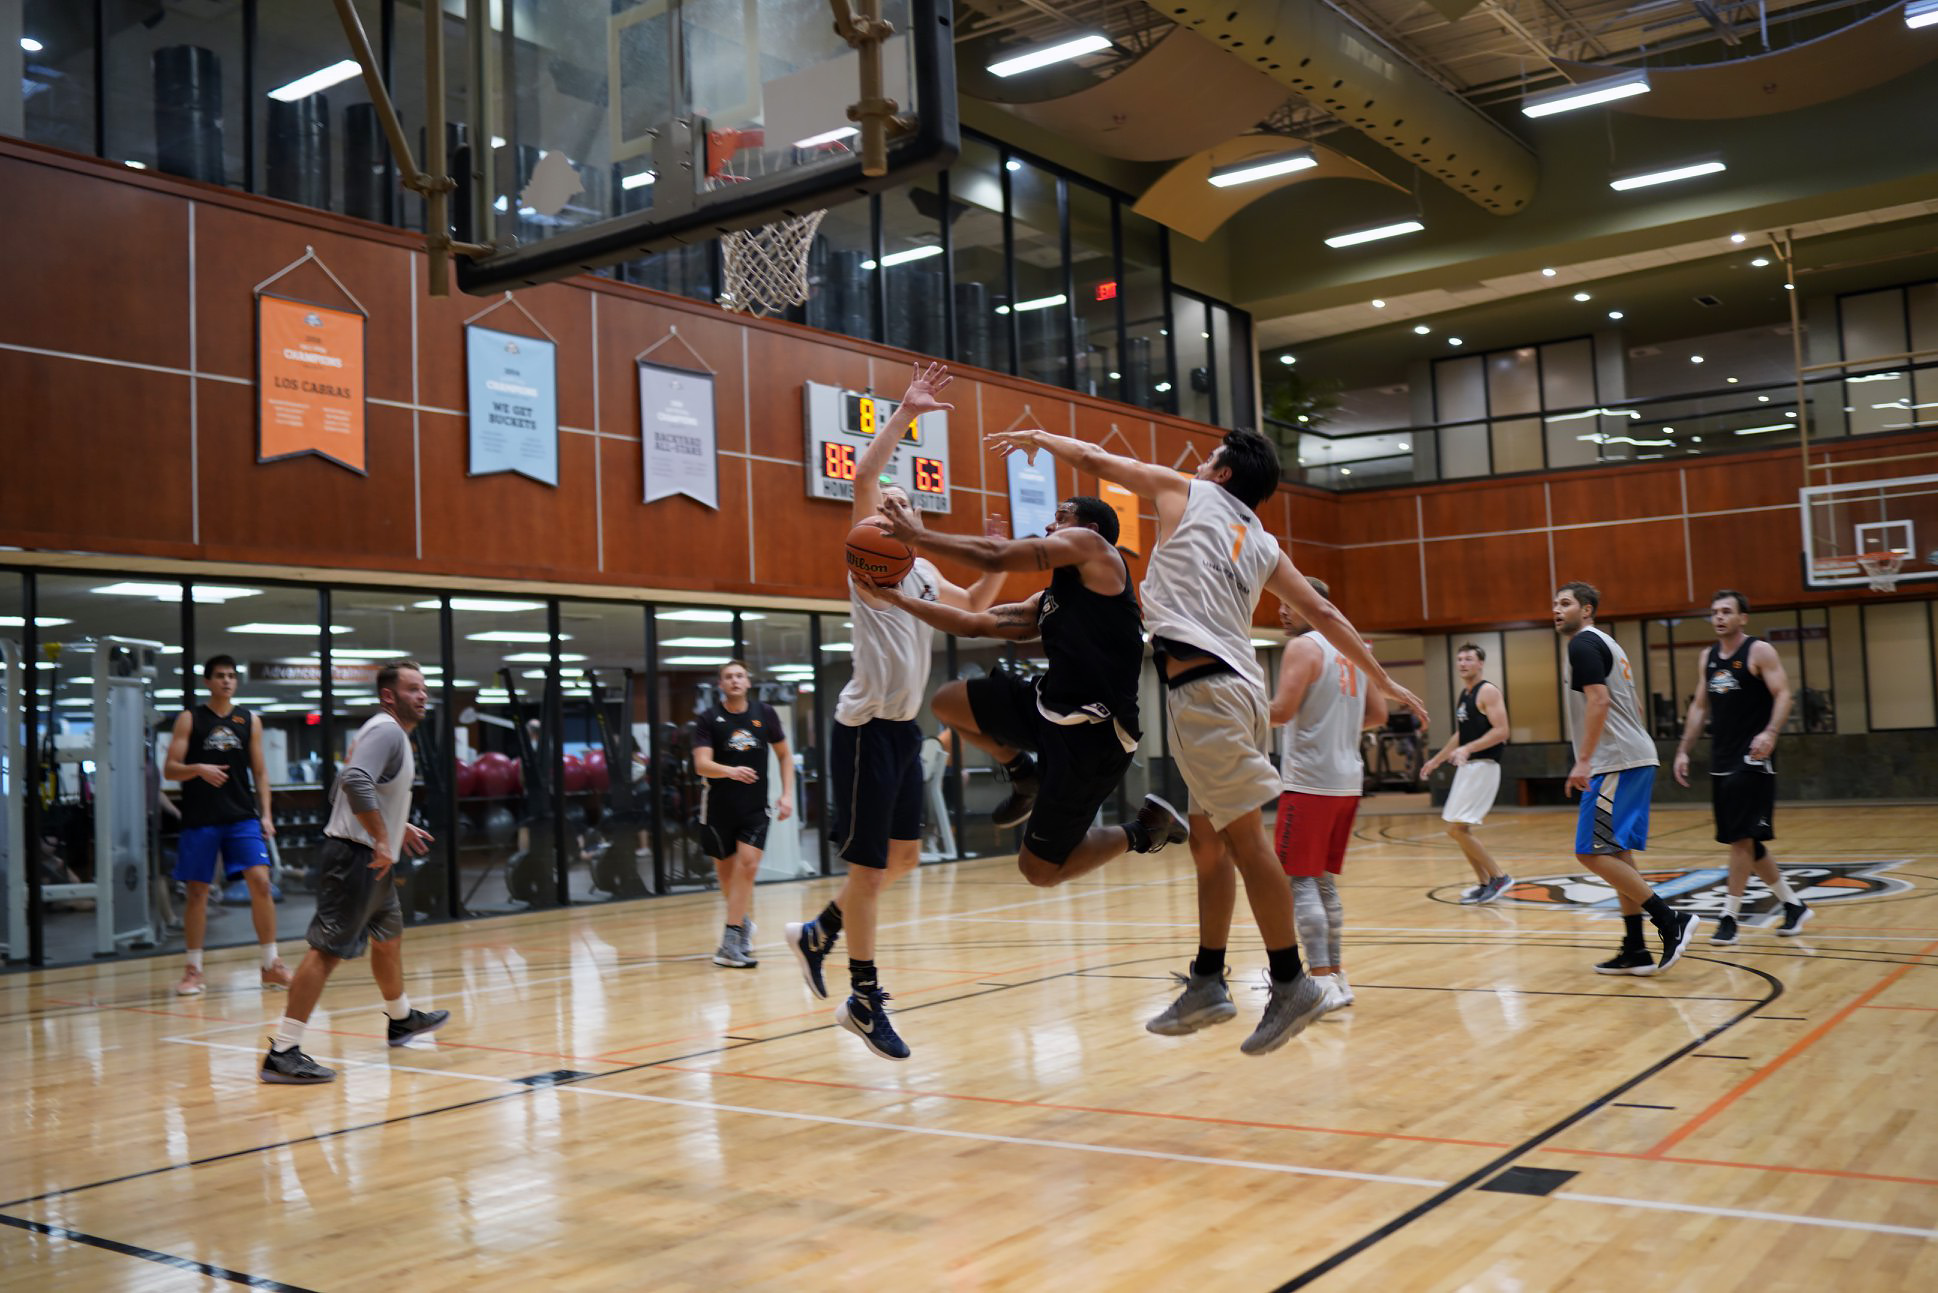 ultimate_hoops_dallas.jpg